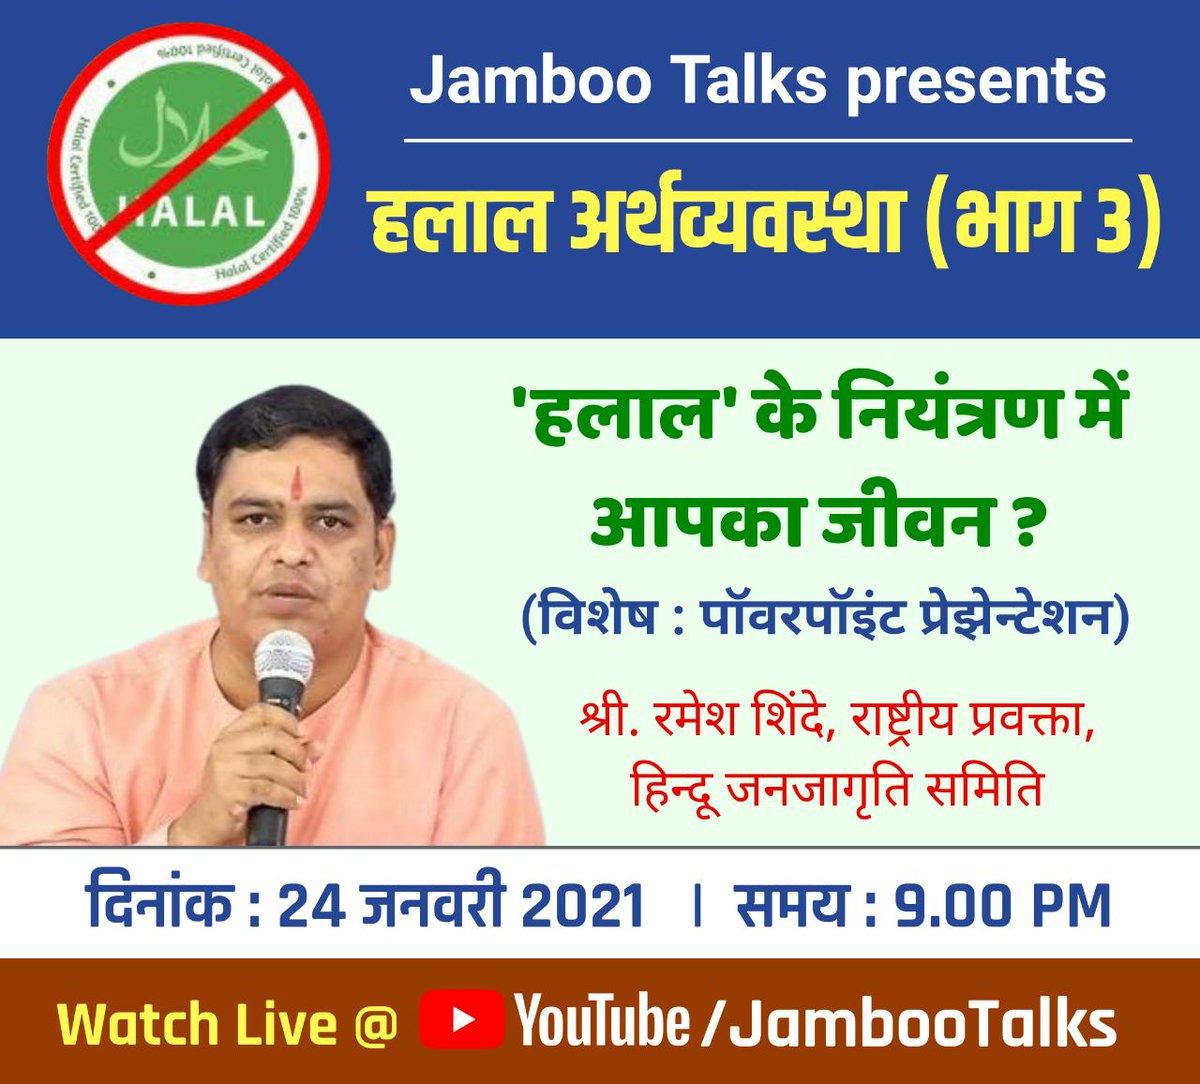 Jamboo Talks presents-  🔹हलाल अर्थव्यवस्था (भाग-3) 🔹'हलाल' के नियंत्रण में आपका जीवन ?  (पाॅवरपाॅइंट प्रेझेन्टेशन) 🔹24 जनवरी, रात्री 9 बजे  Watch Live @  #Halal #हलाल  @HinduJagrutiOrg @SG_HJS @_dharam_vir @VikasSaraswat @ihvinod